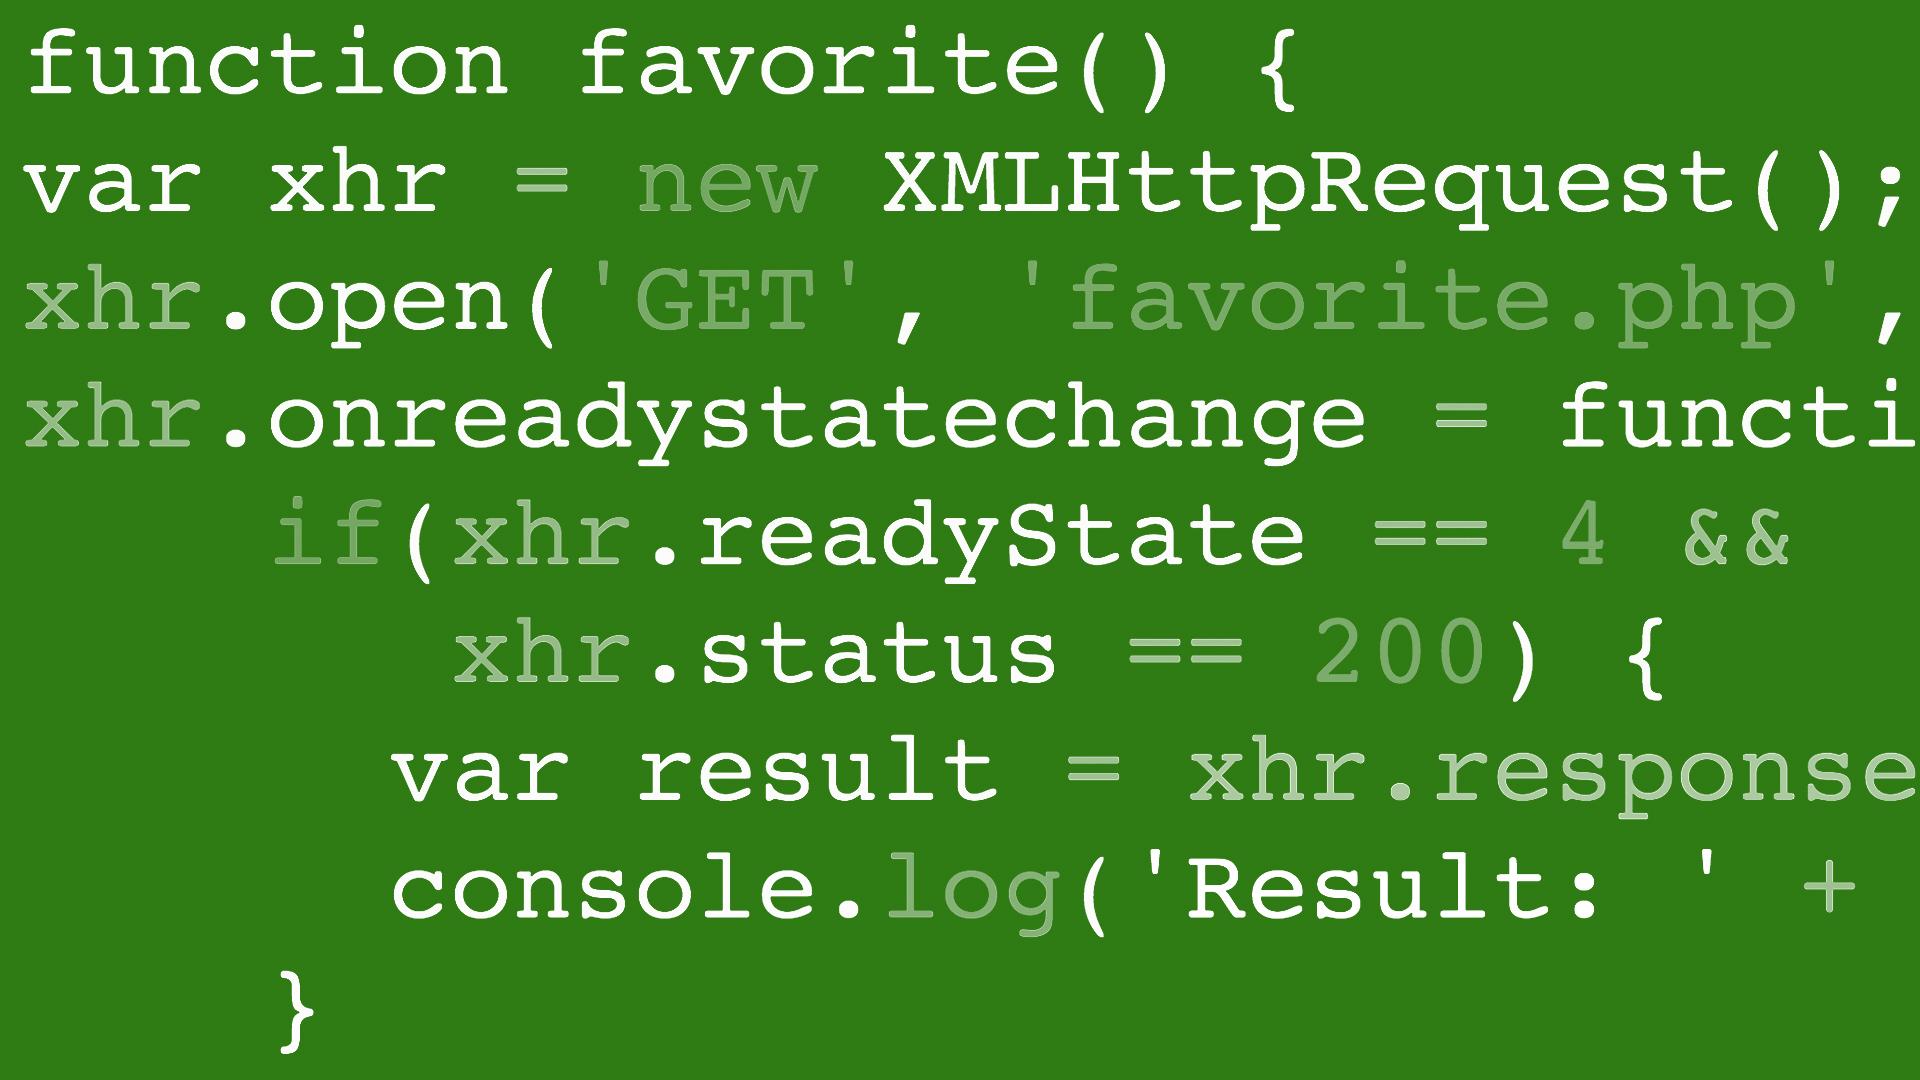 دانلود رایگان فیلم های آموزشی lynda | Ajax with PHP: Add Dynamic Content to Websites